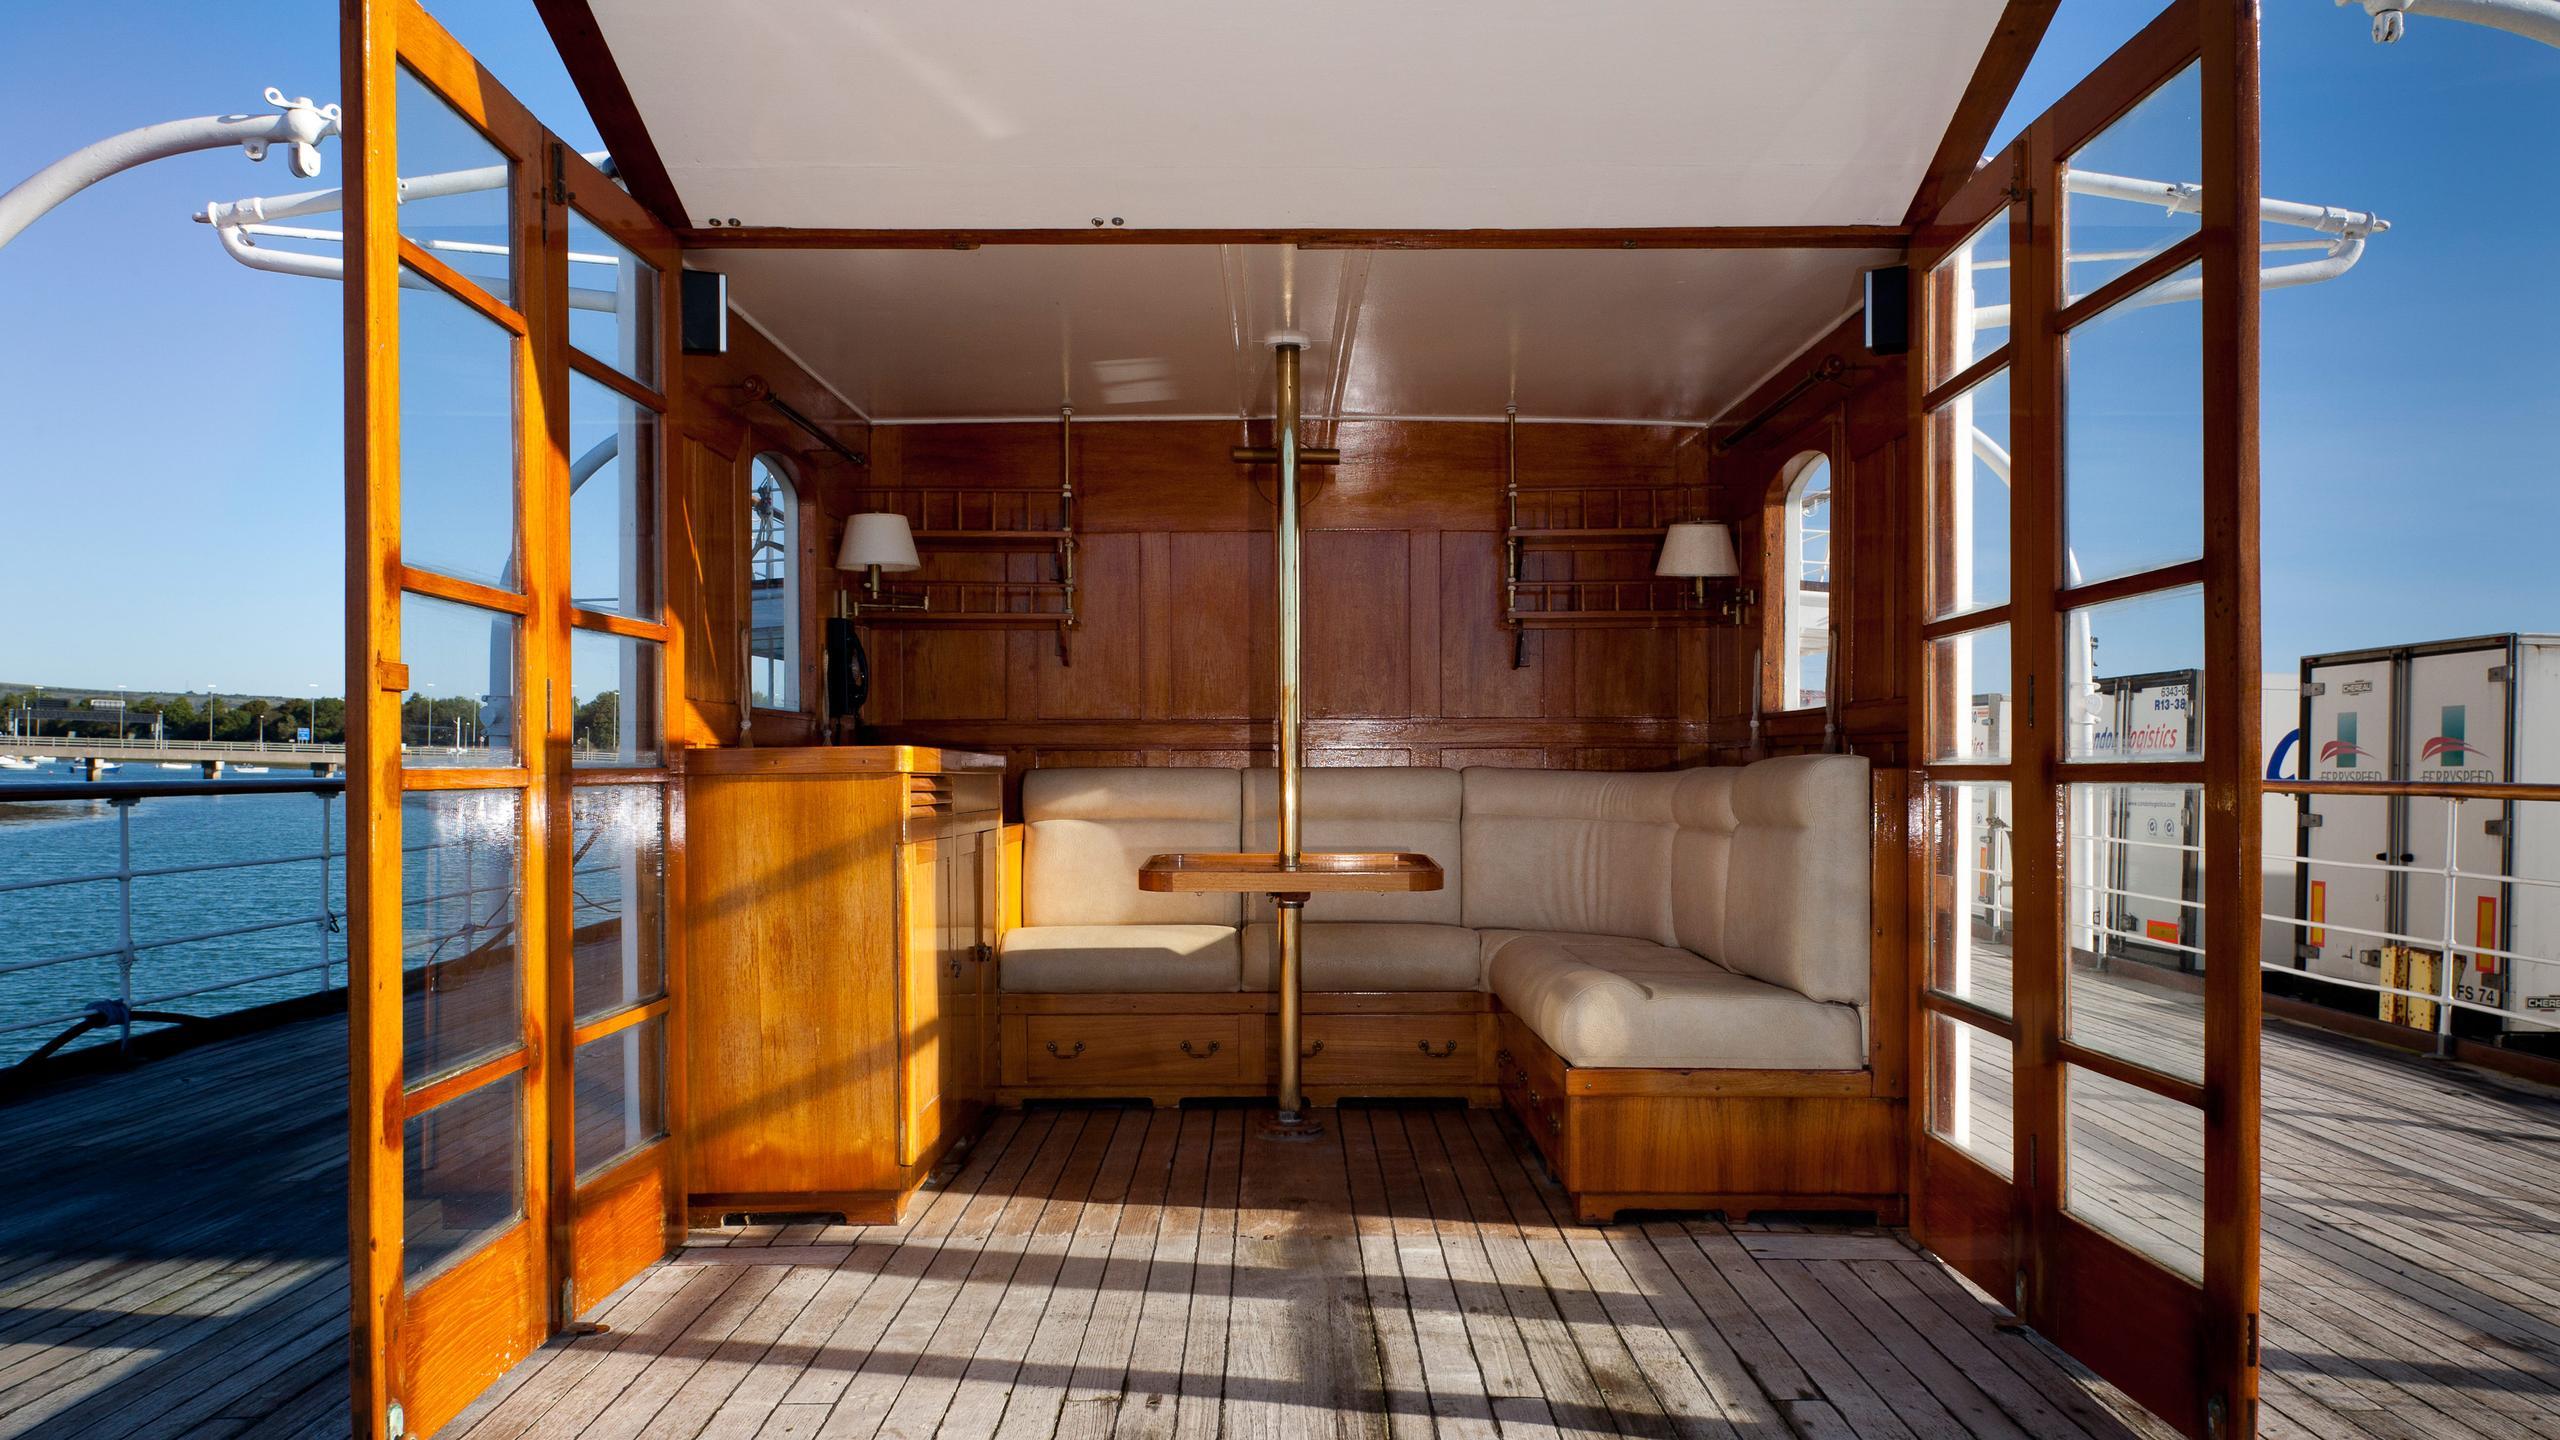 Shemara-classic-motor-yacht-1938-64m-sky-lounge